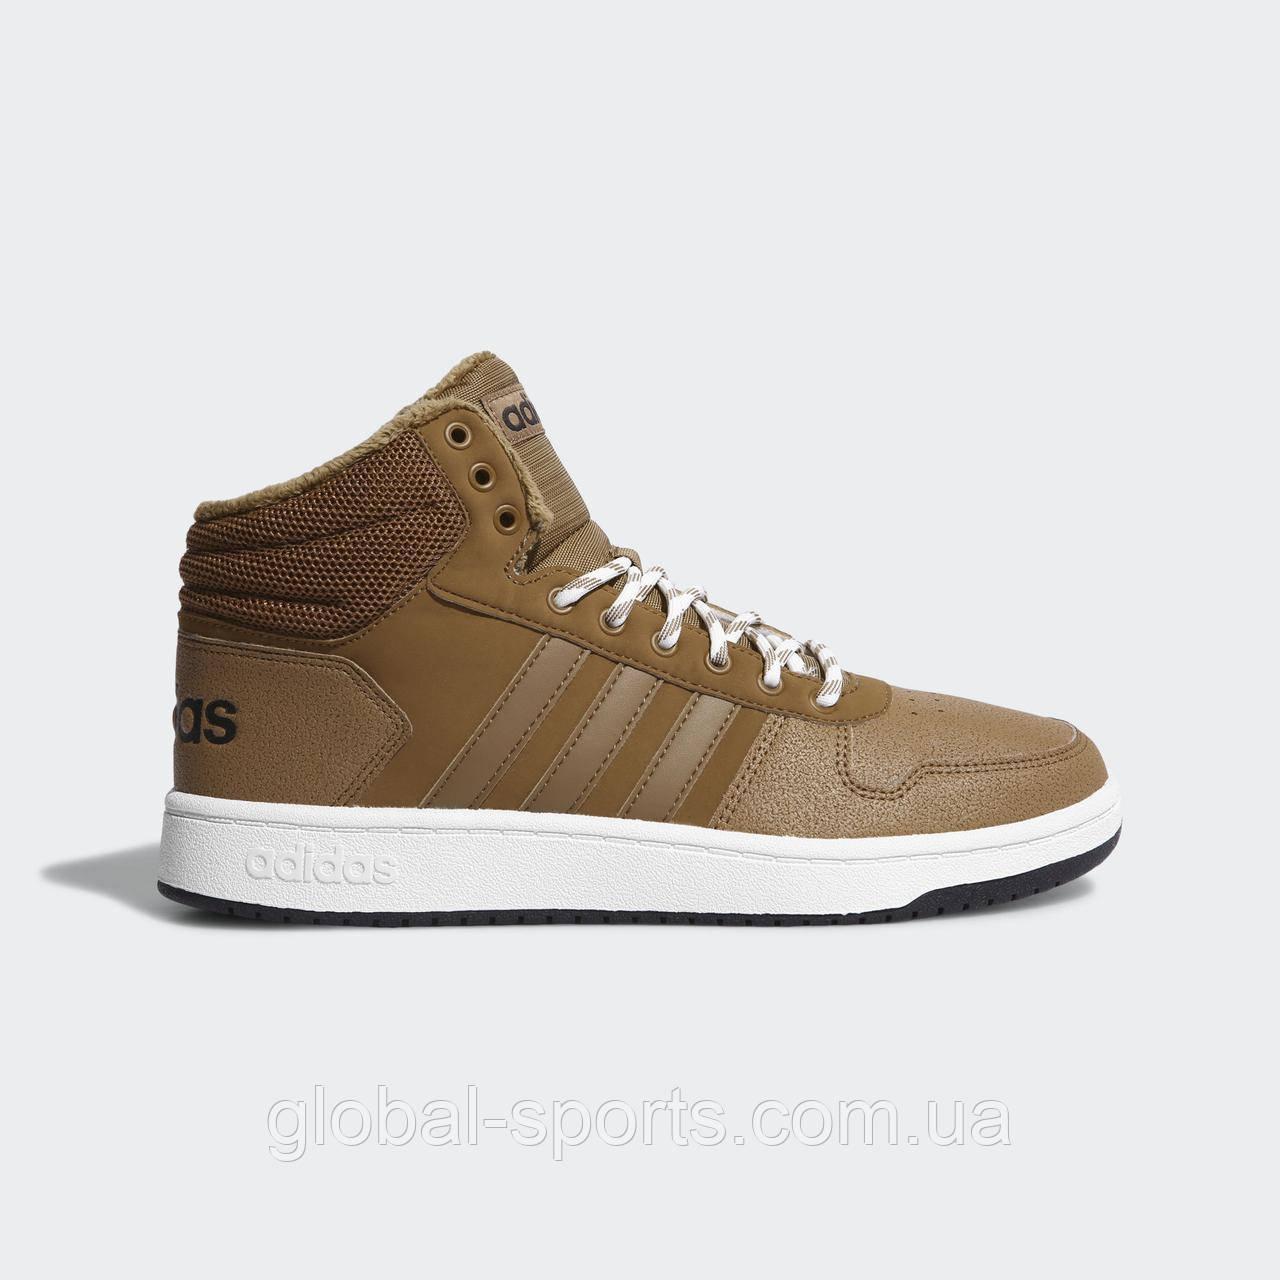 Чоловічі кросівки Adidas Hoops 2.0 Mid (Артикул:CG7114)